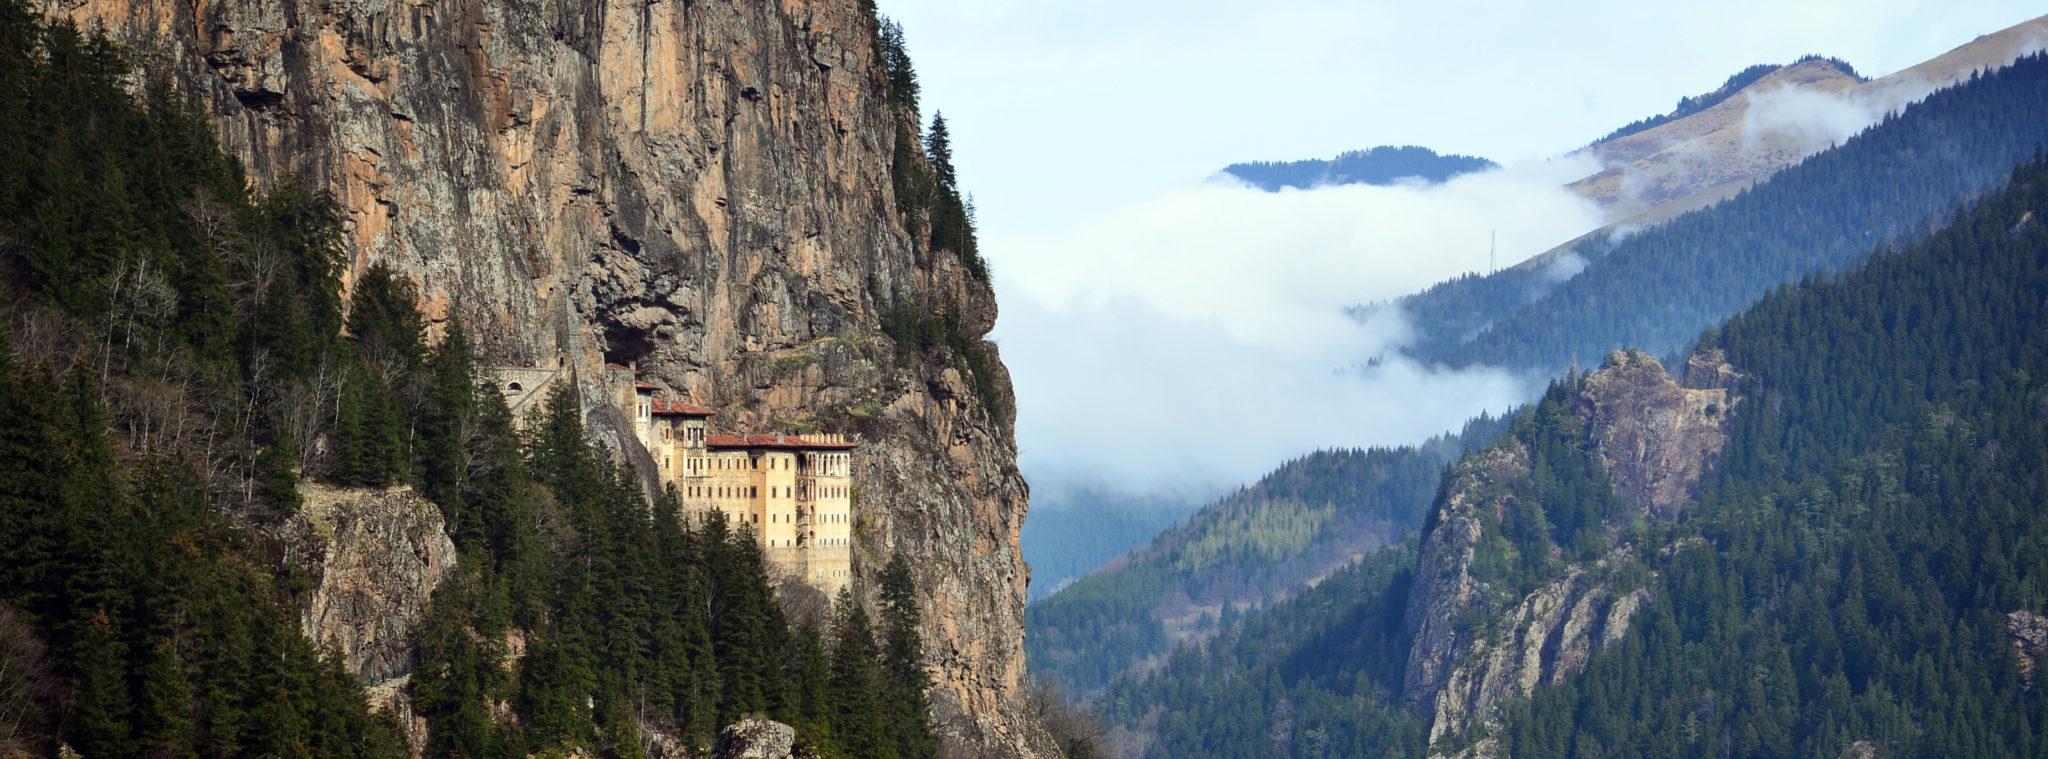 Sumela-Monastery-Slider